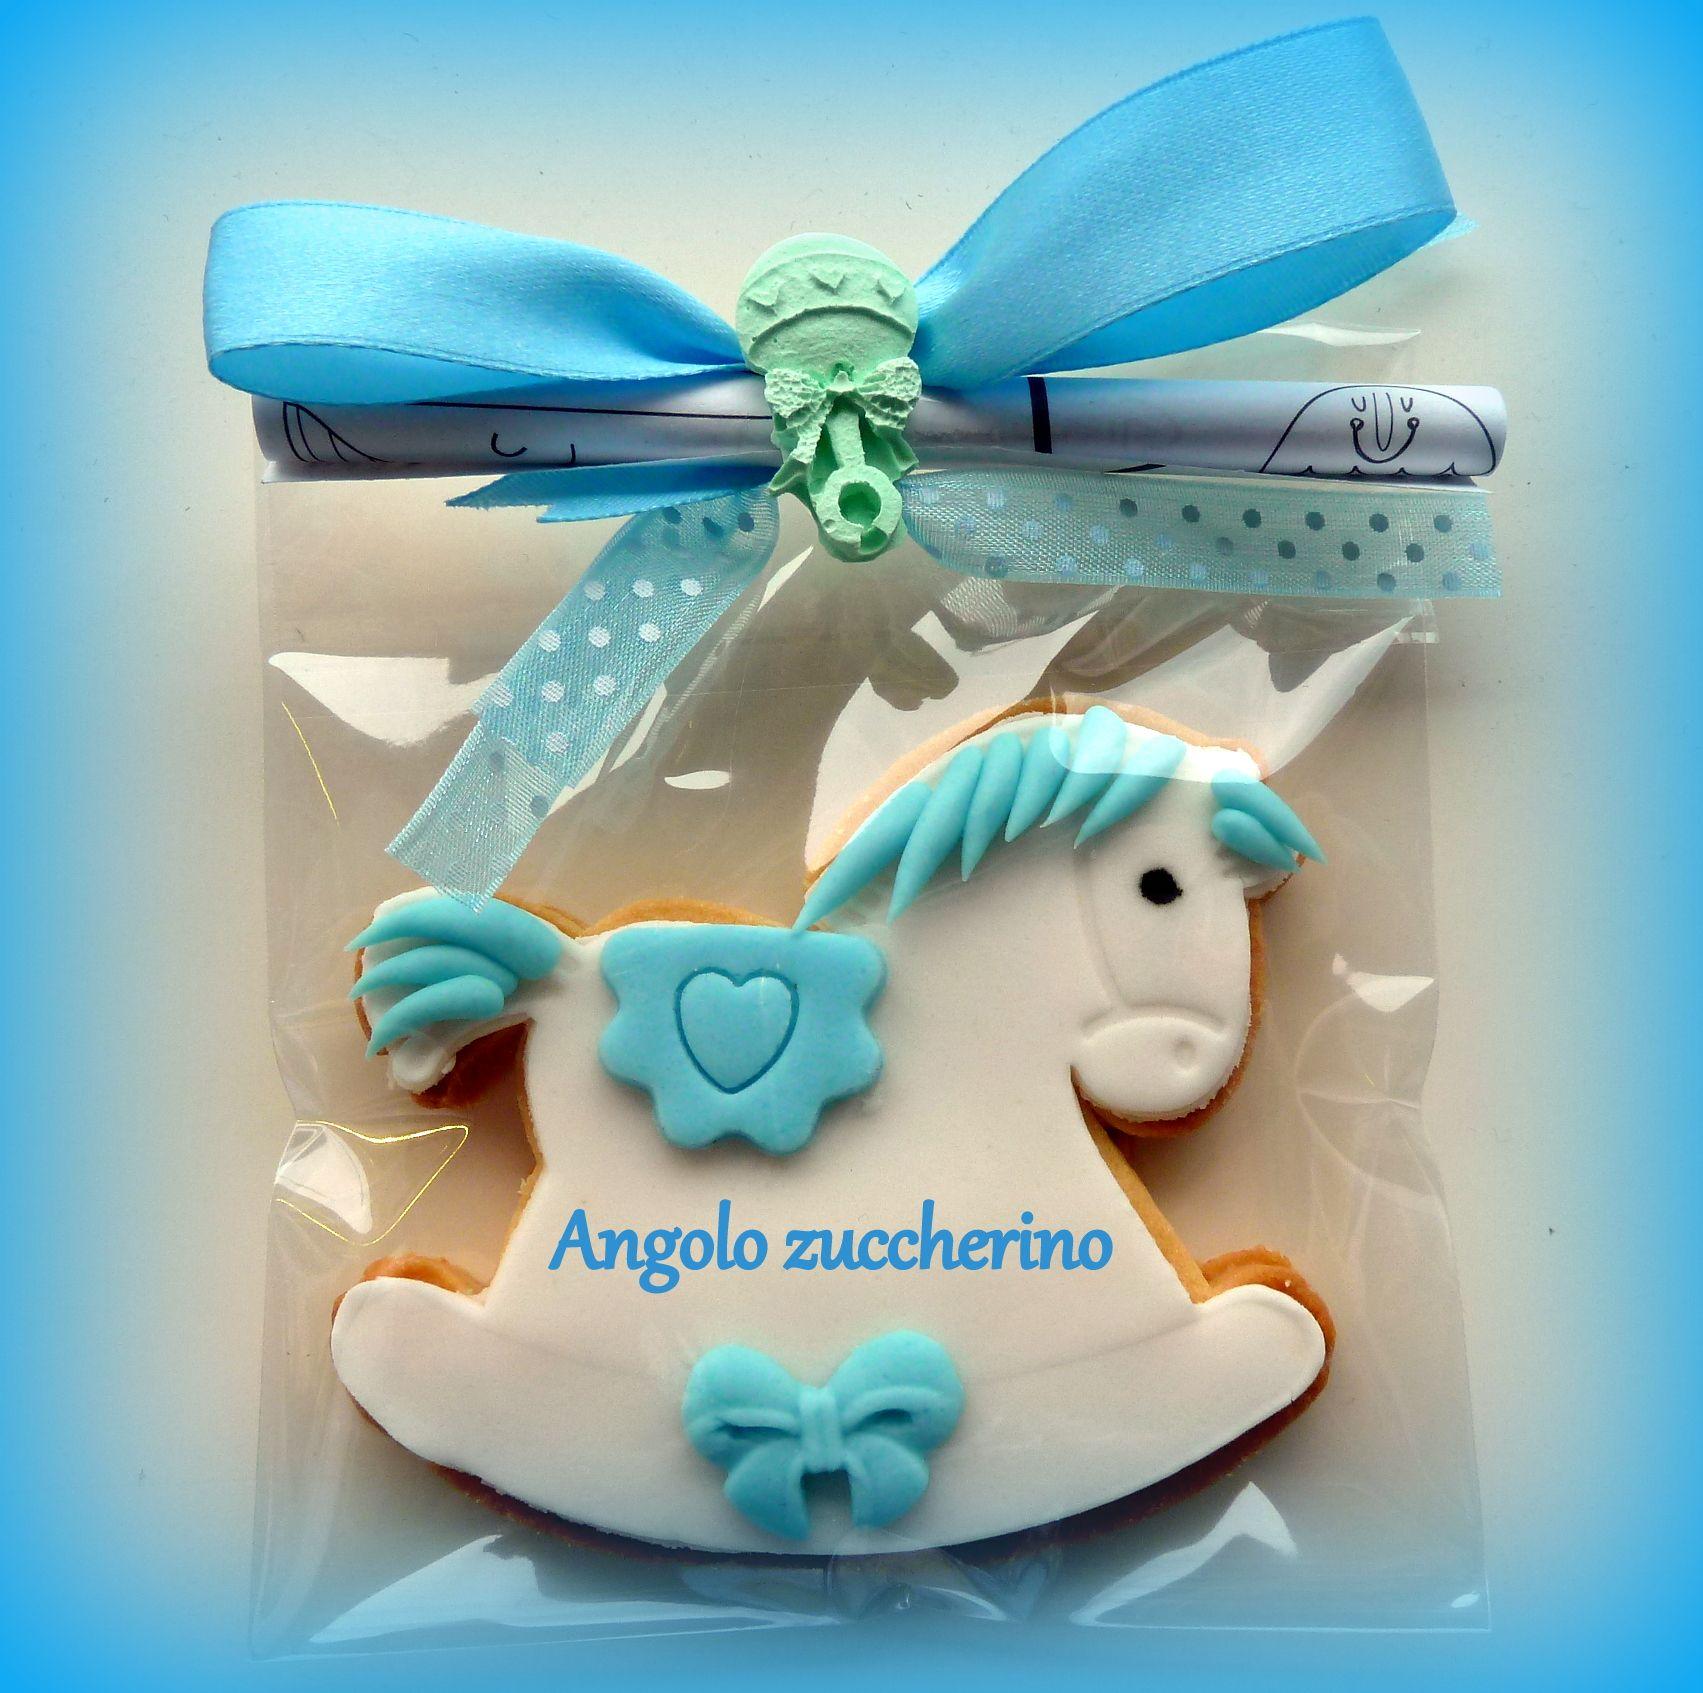 Cavallo A Dondolo Pasta Di Zucchero.Biscotto Decorato In Pasta Di Zucchero Cavallino A Dondolo